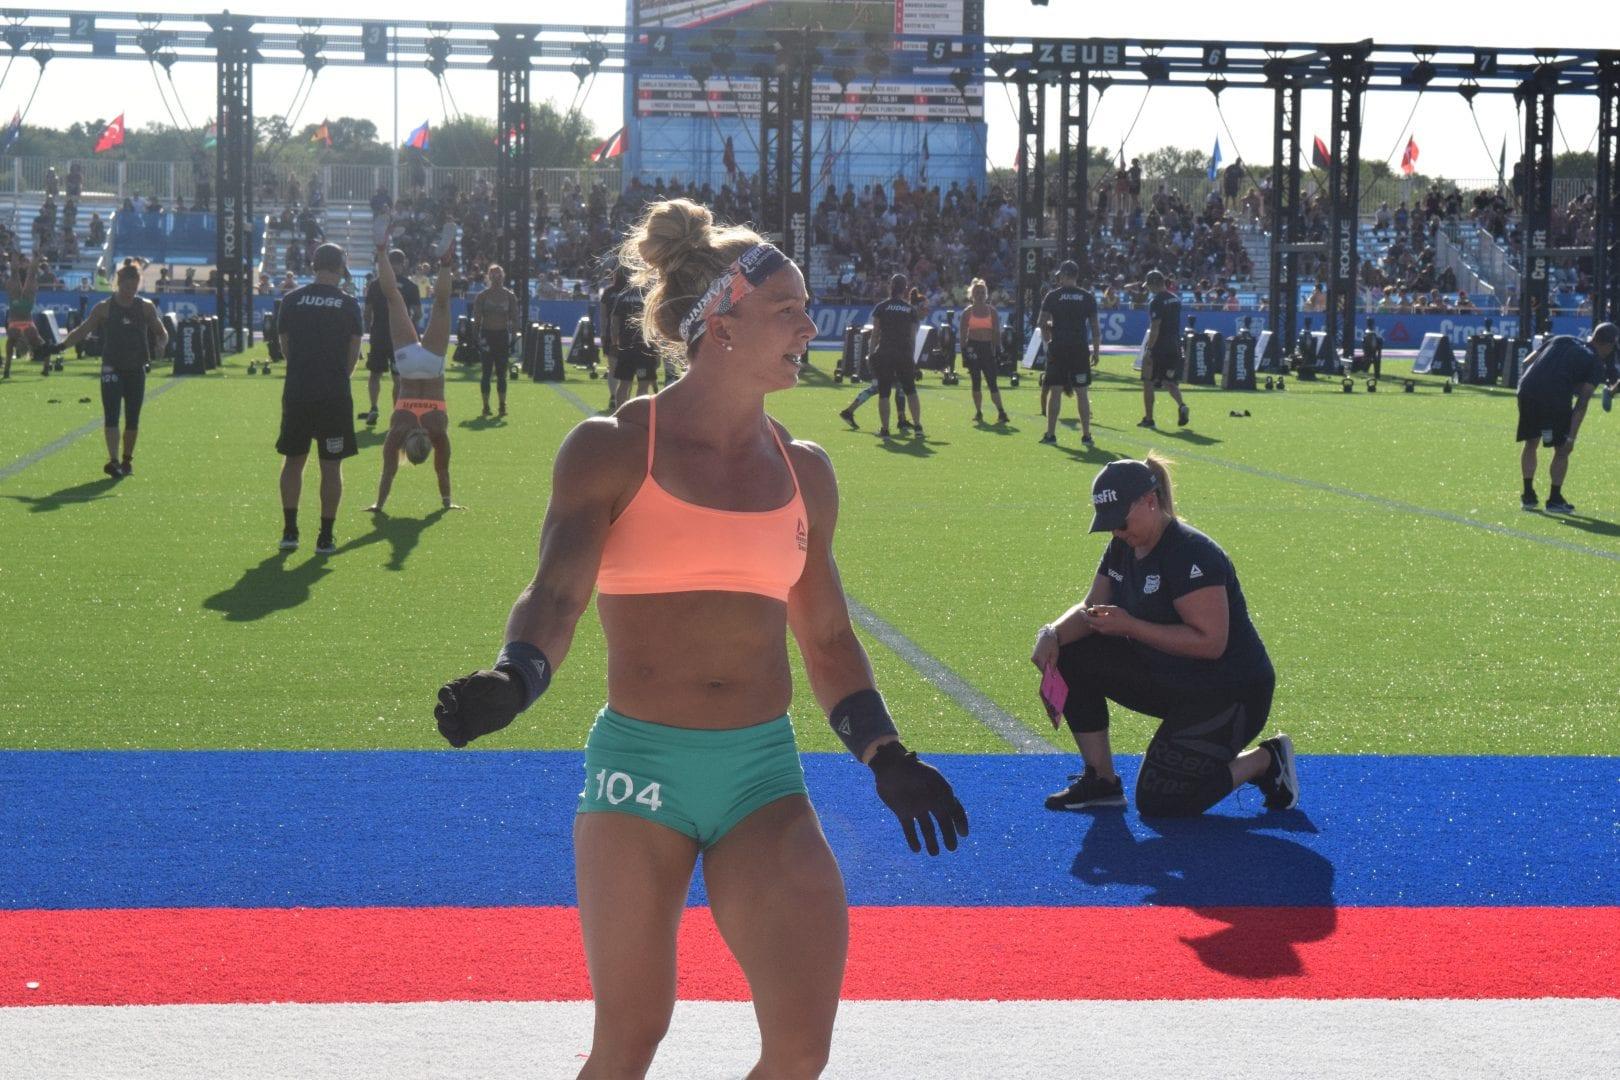 Amanda Barnhart crosses the finish line at the 2019 CrossFit Games